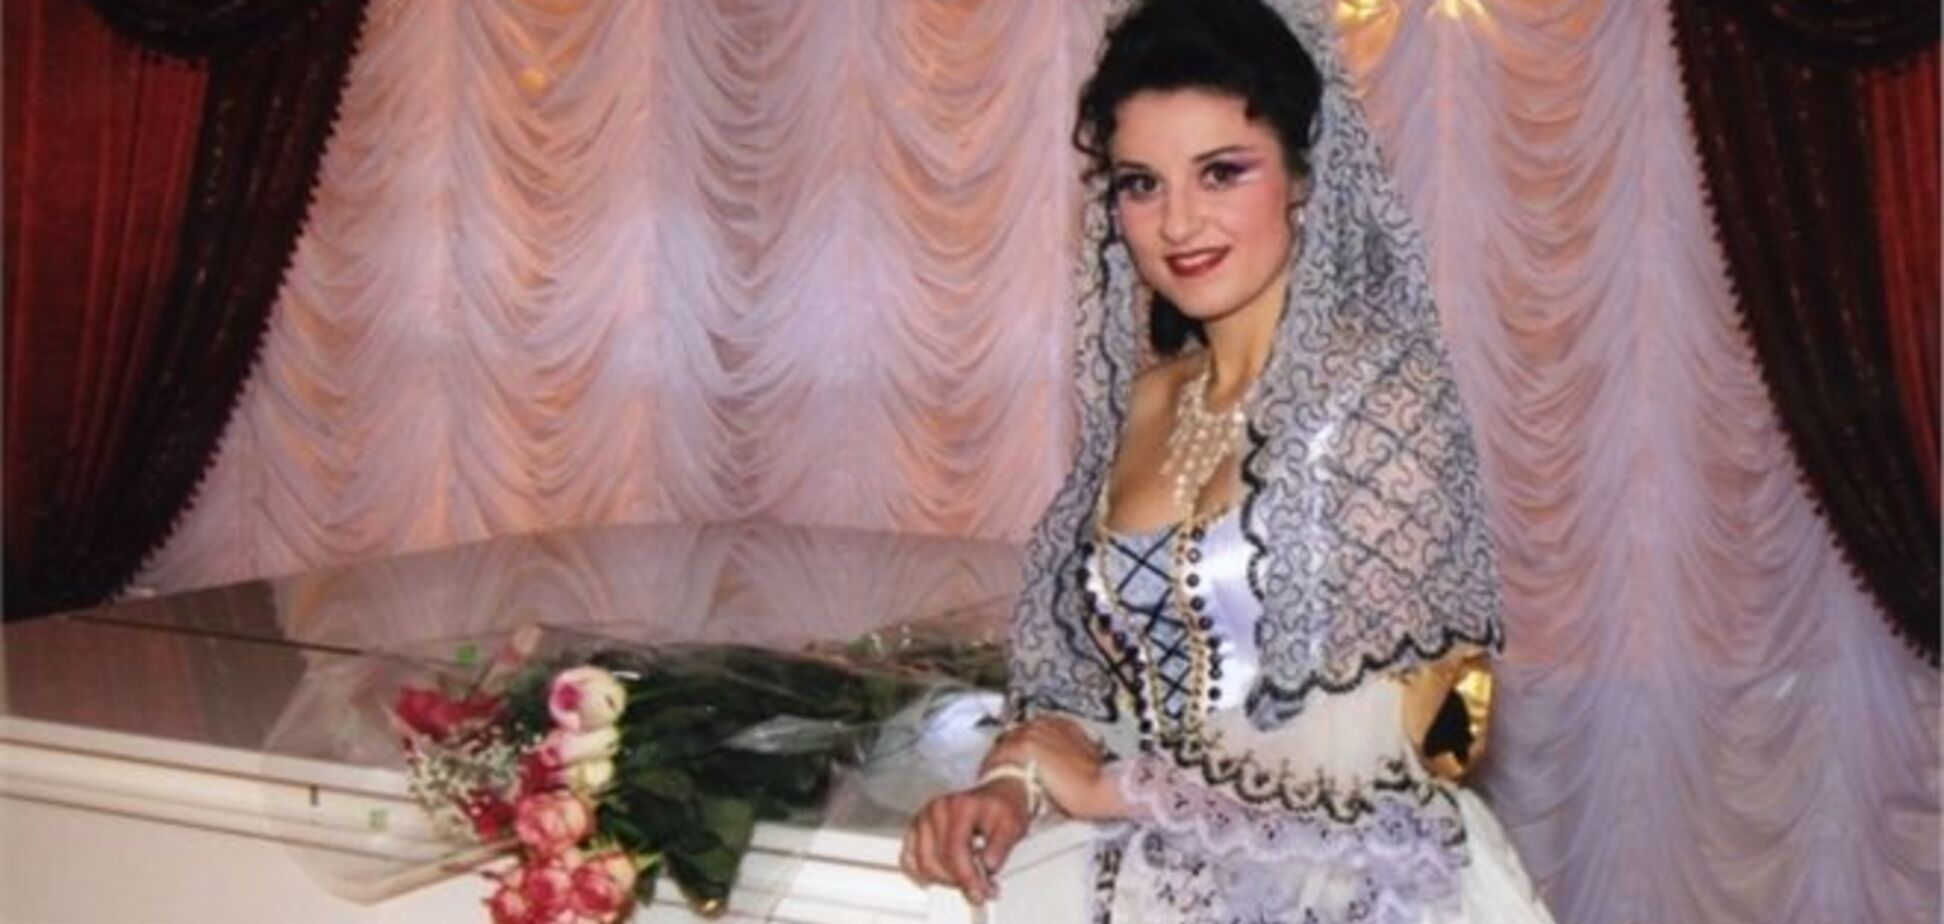 Национальная опера готова уволить Абдуллину за 'быдло-детей'